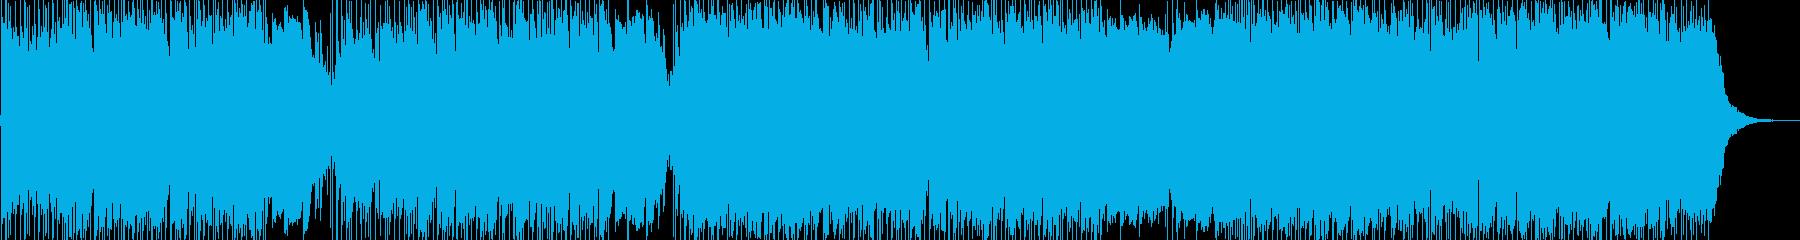 キャッチーなインディーロックトラッ...の再生済みの波形